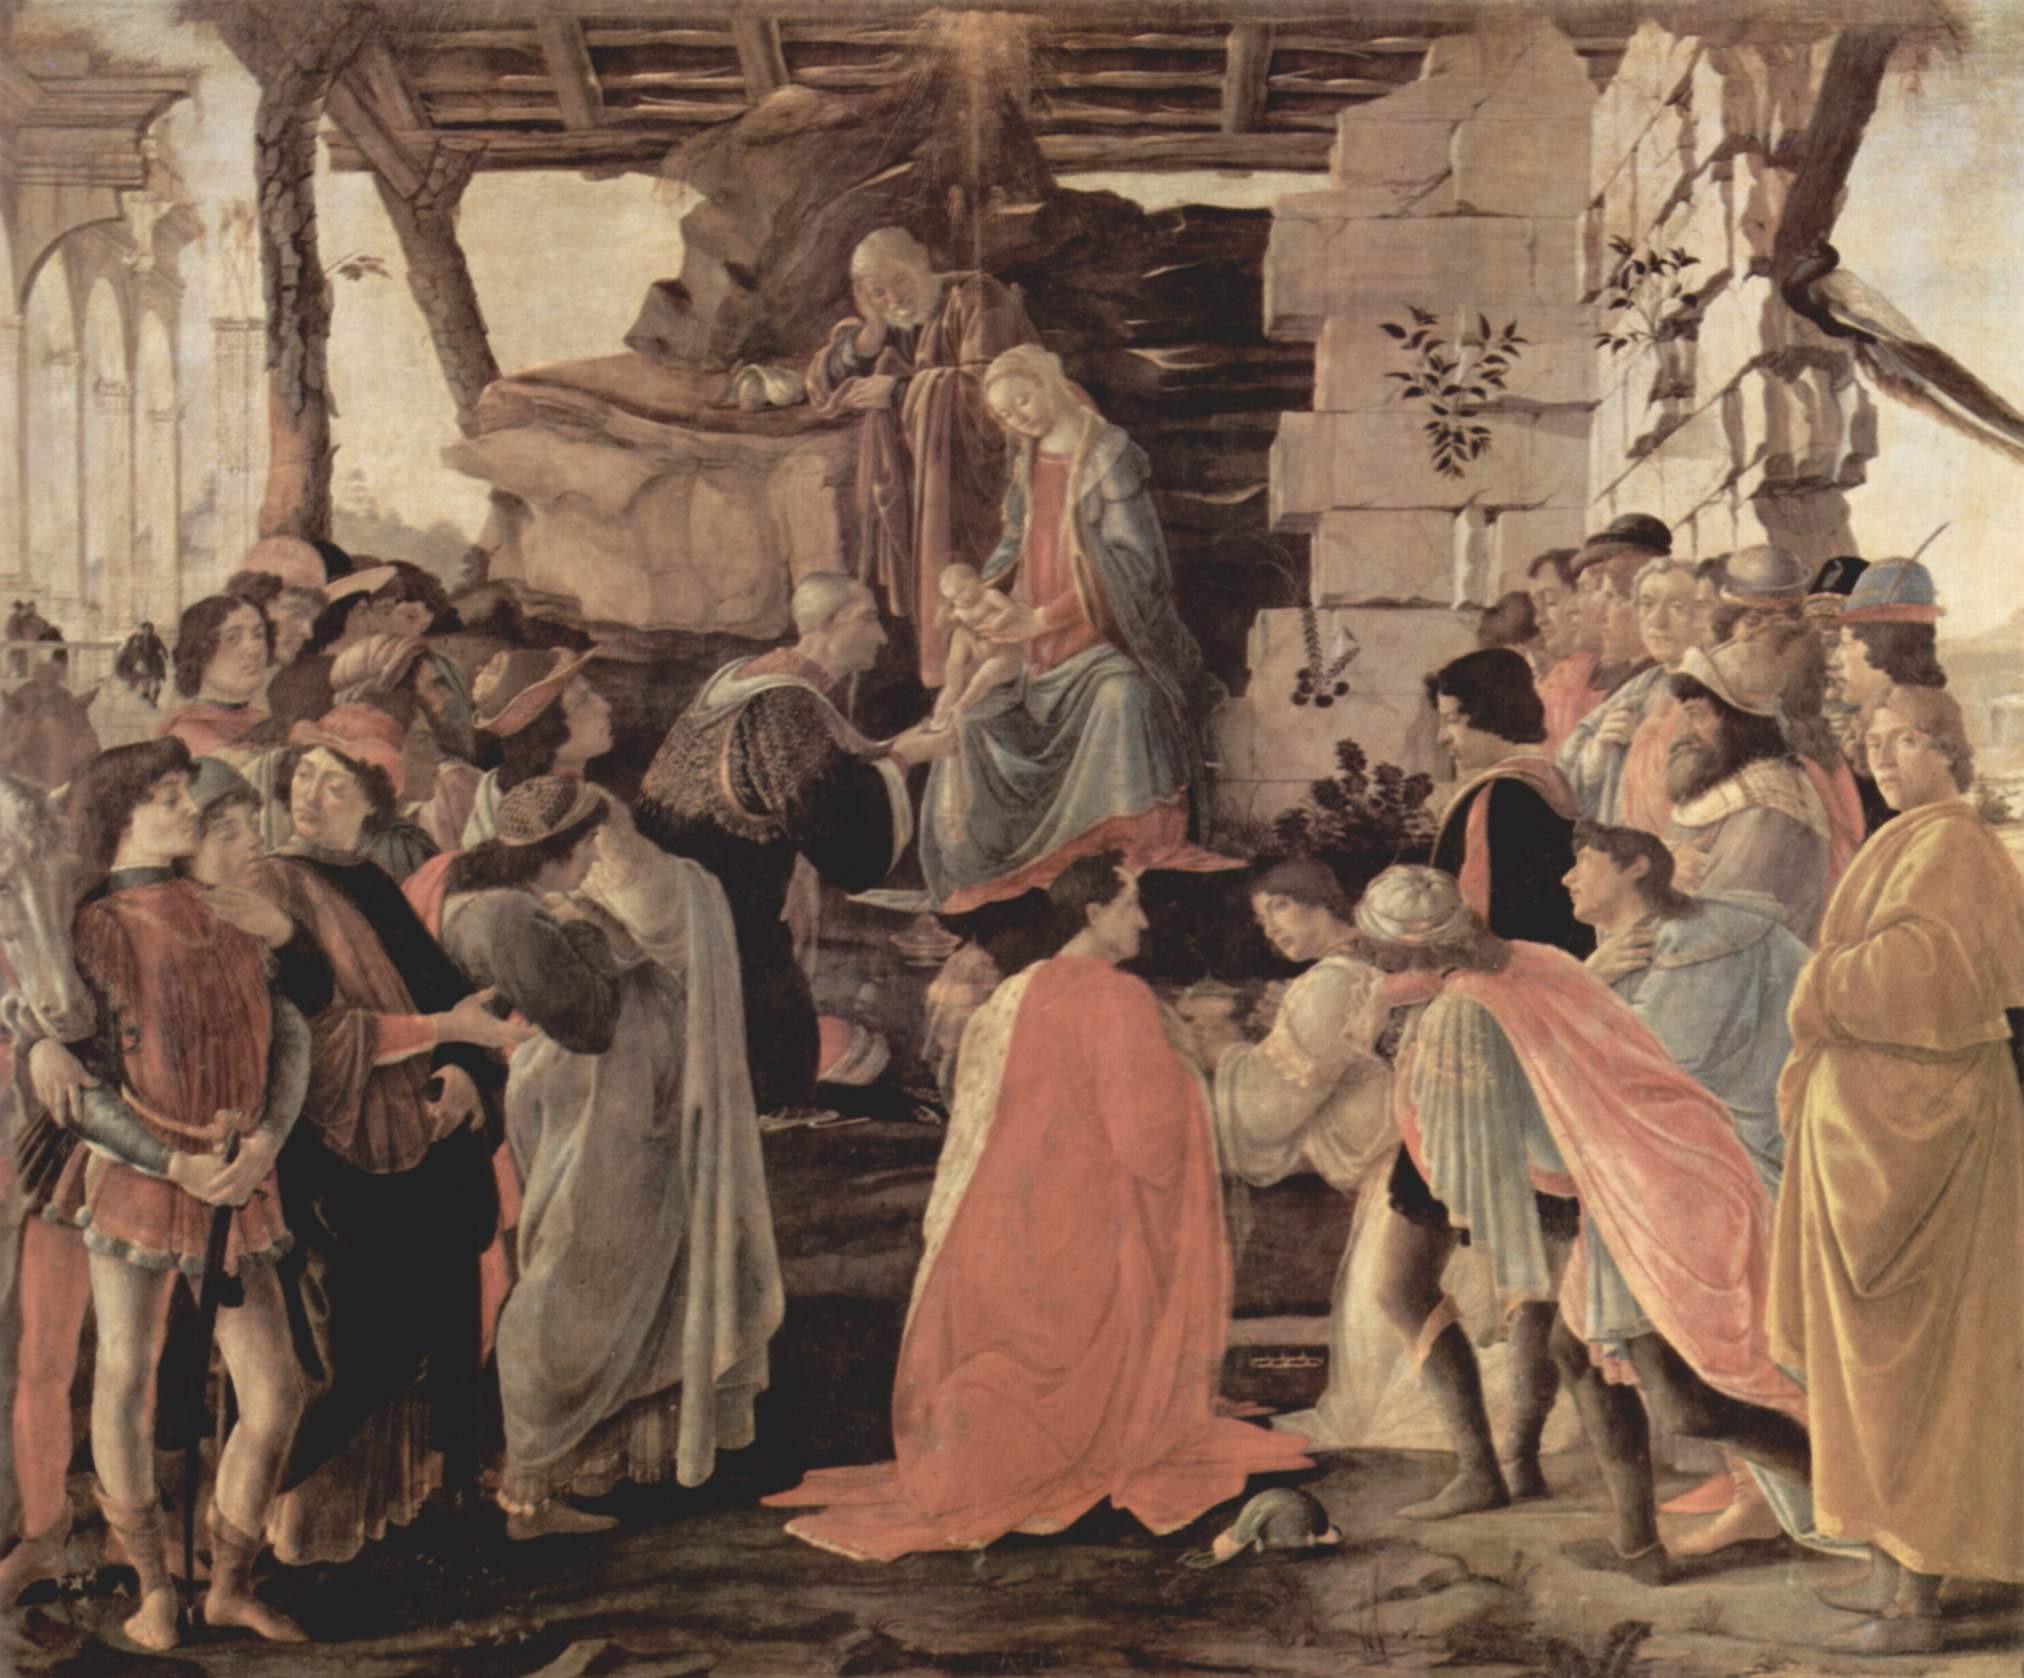 http://upload.wikimedia.org/wikipedia/commons/9/9d/Sandro_Botticelli_085.jpg